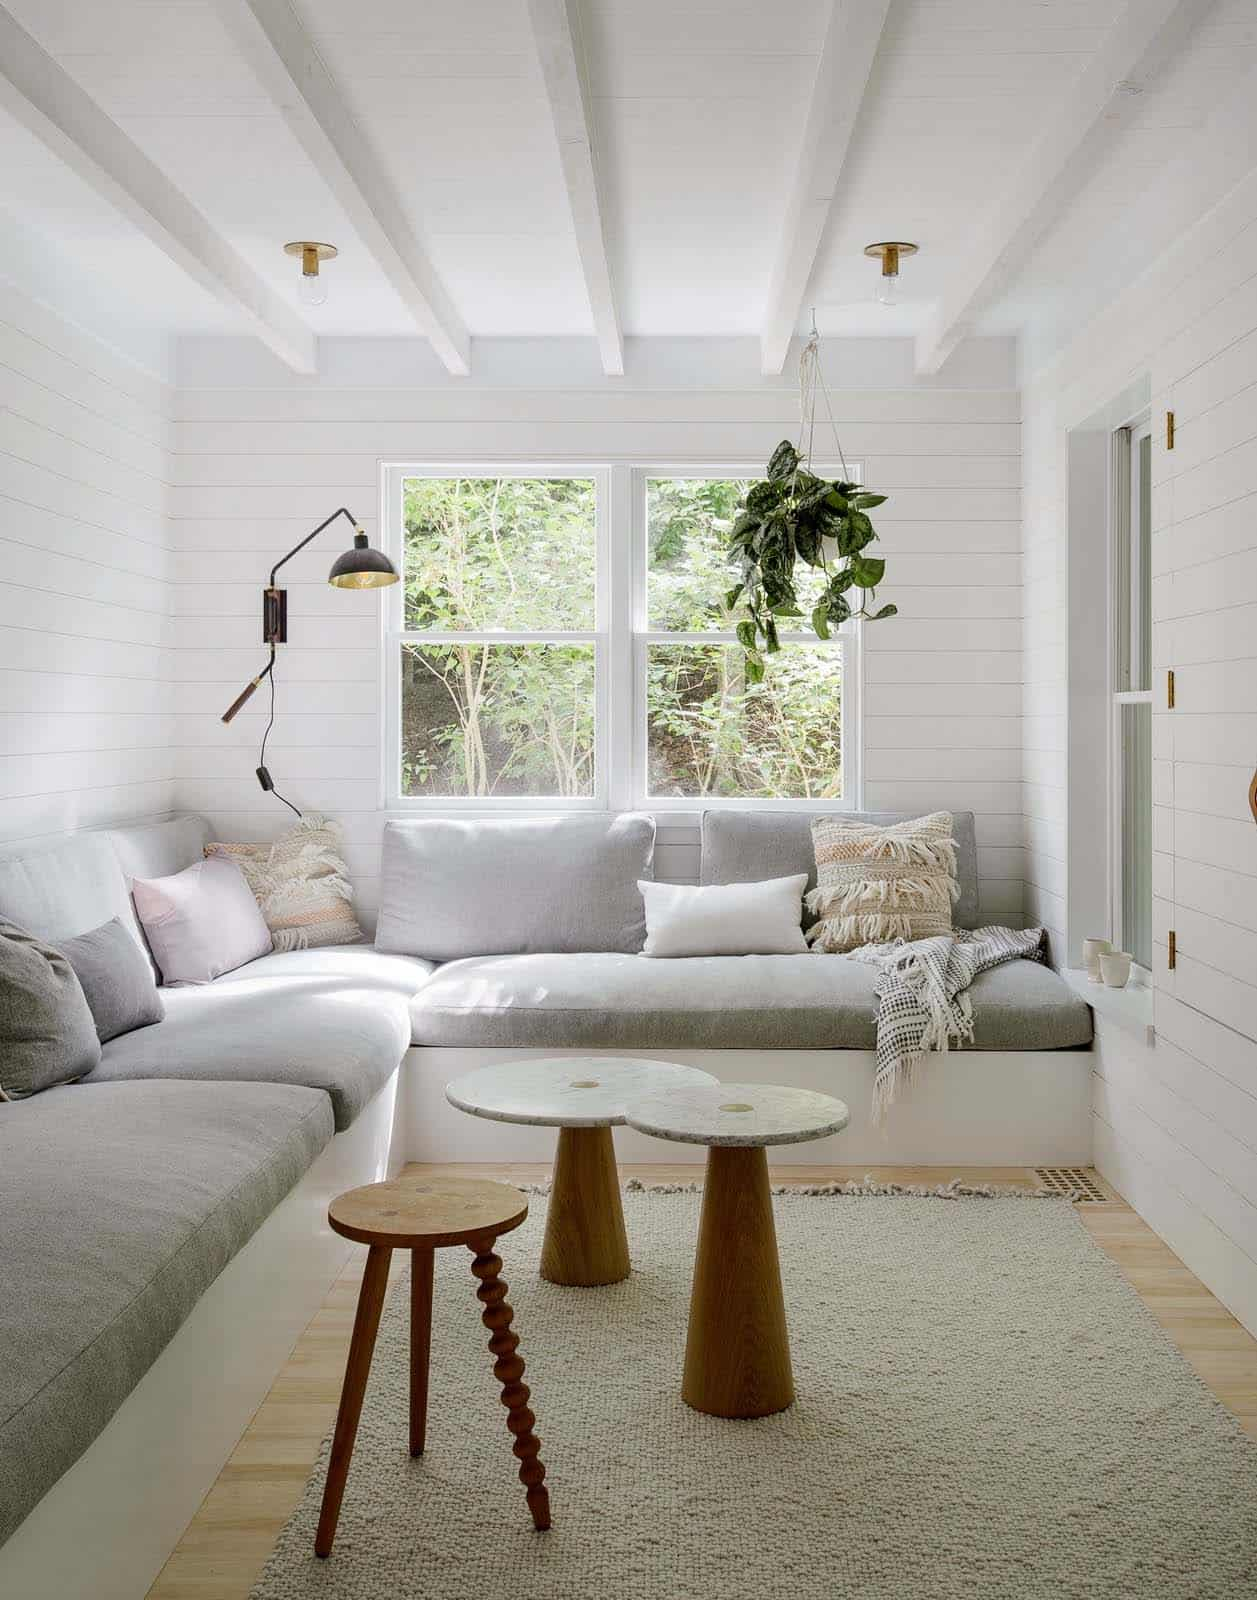 Retraite à la plage de style scandinave-Jessica Helgerson Interior Design-07-1 Kindesign